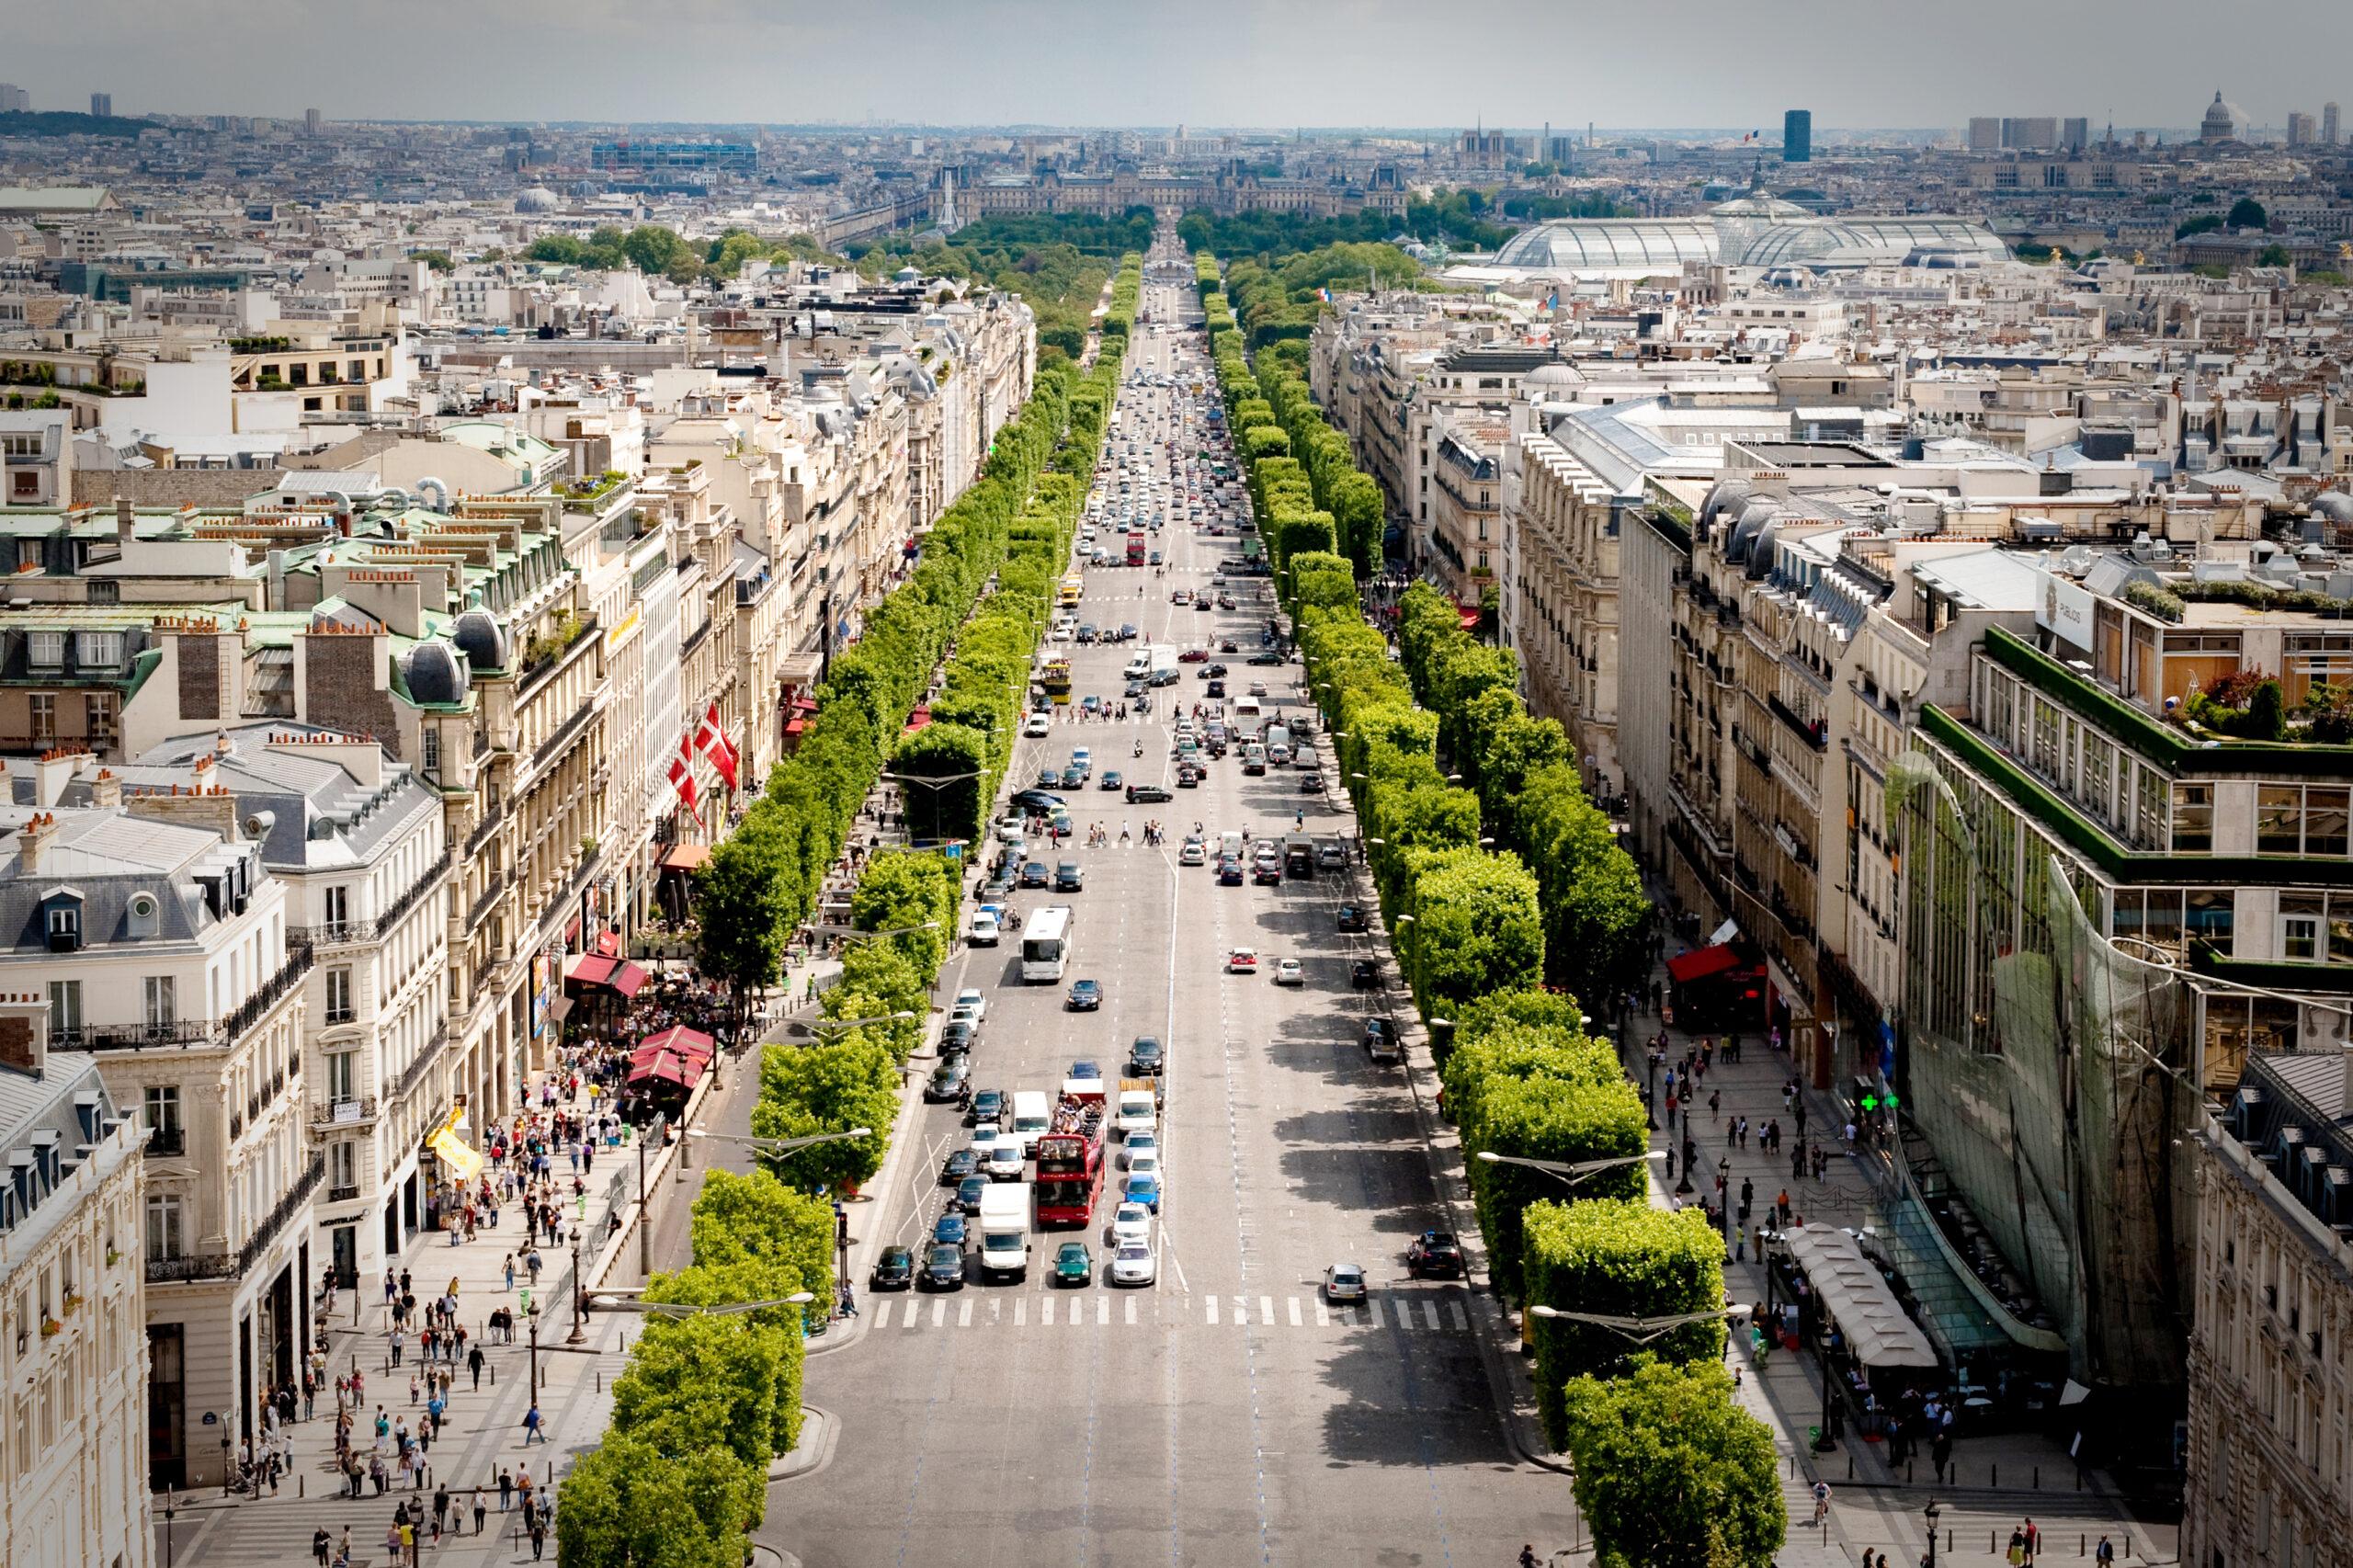 The Champs-Élysées